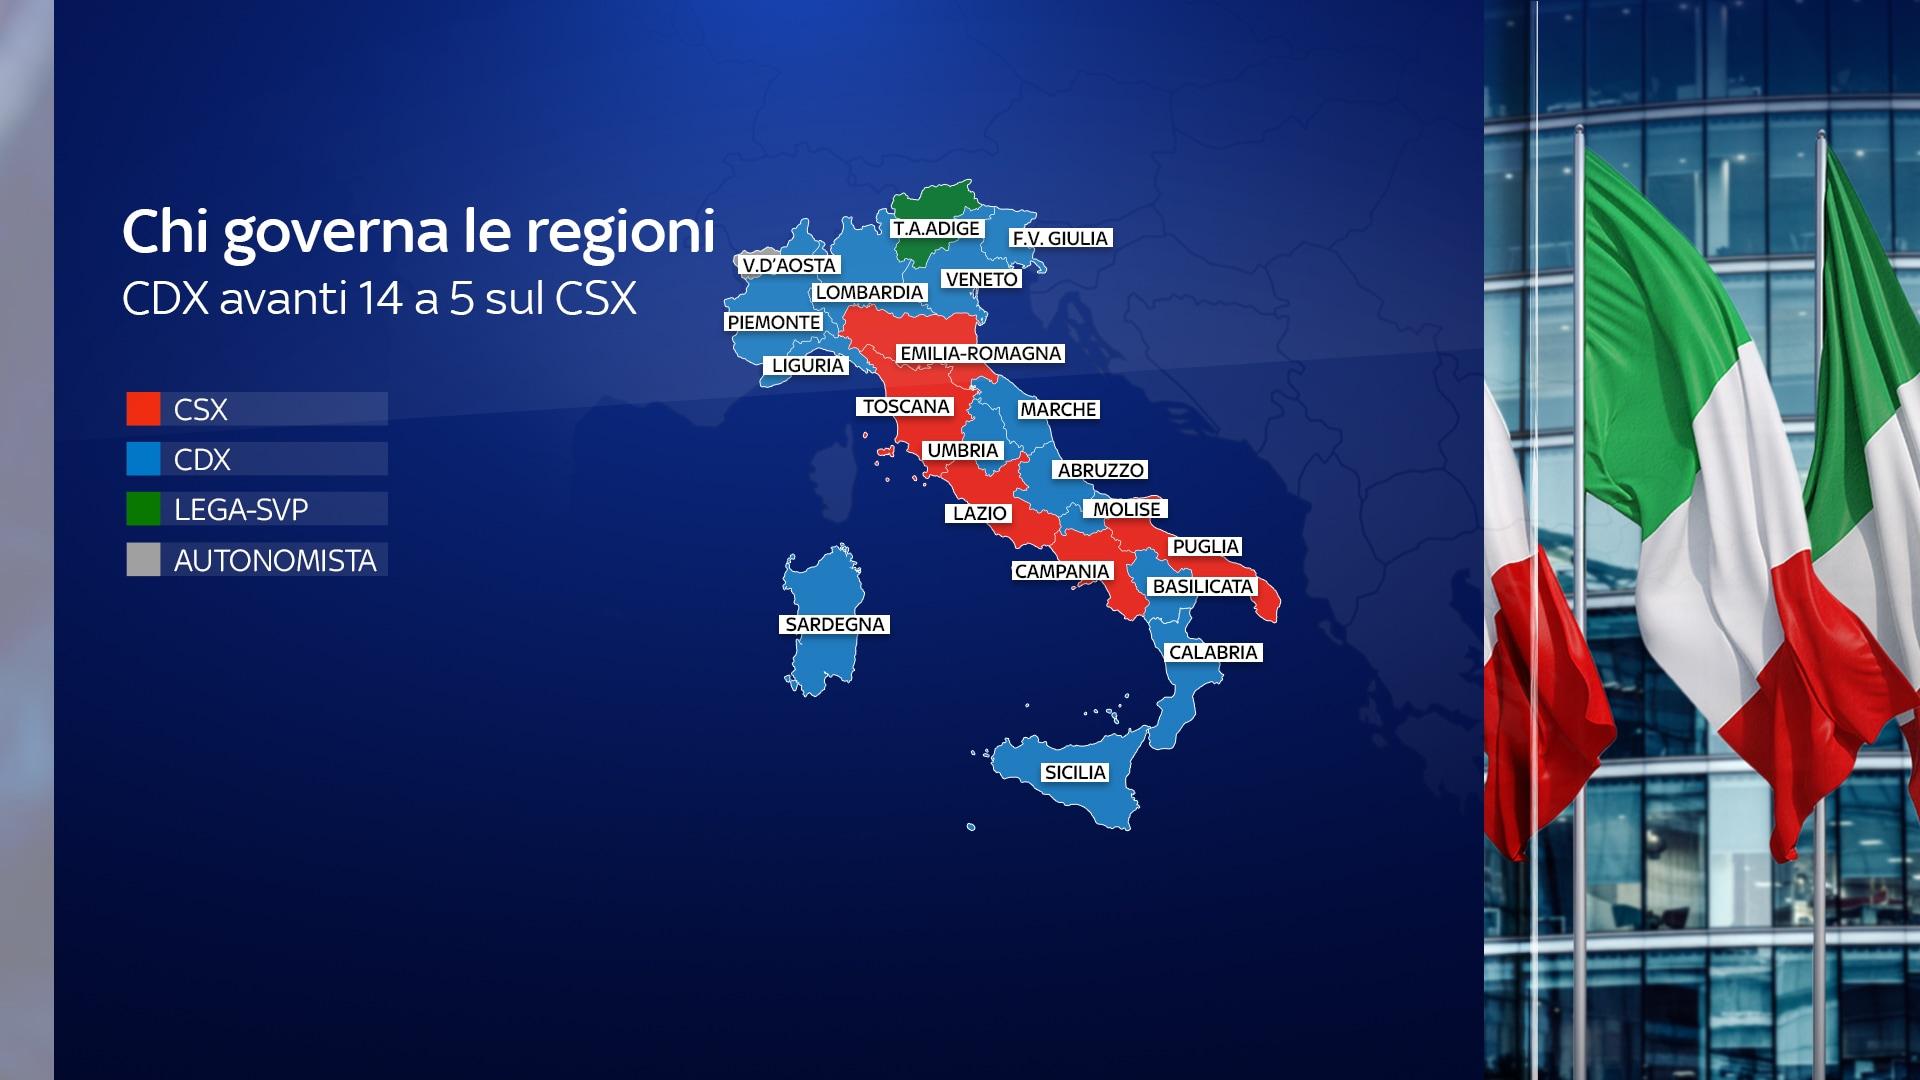 Cartina Cina Con Province.Partiti E Presidenti Delle Regioni Italiane Ecco Chi Governa E Dove Mappa